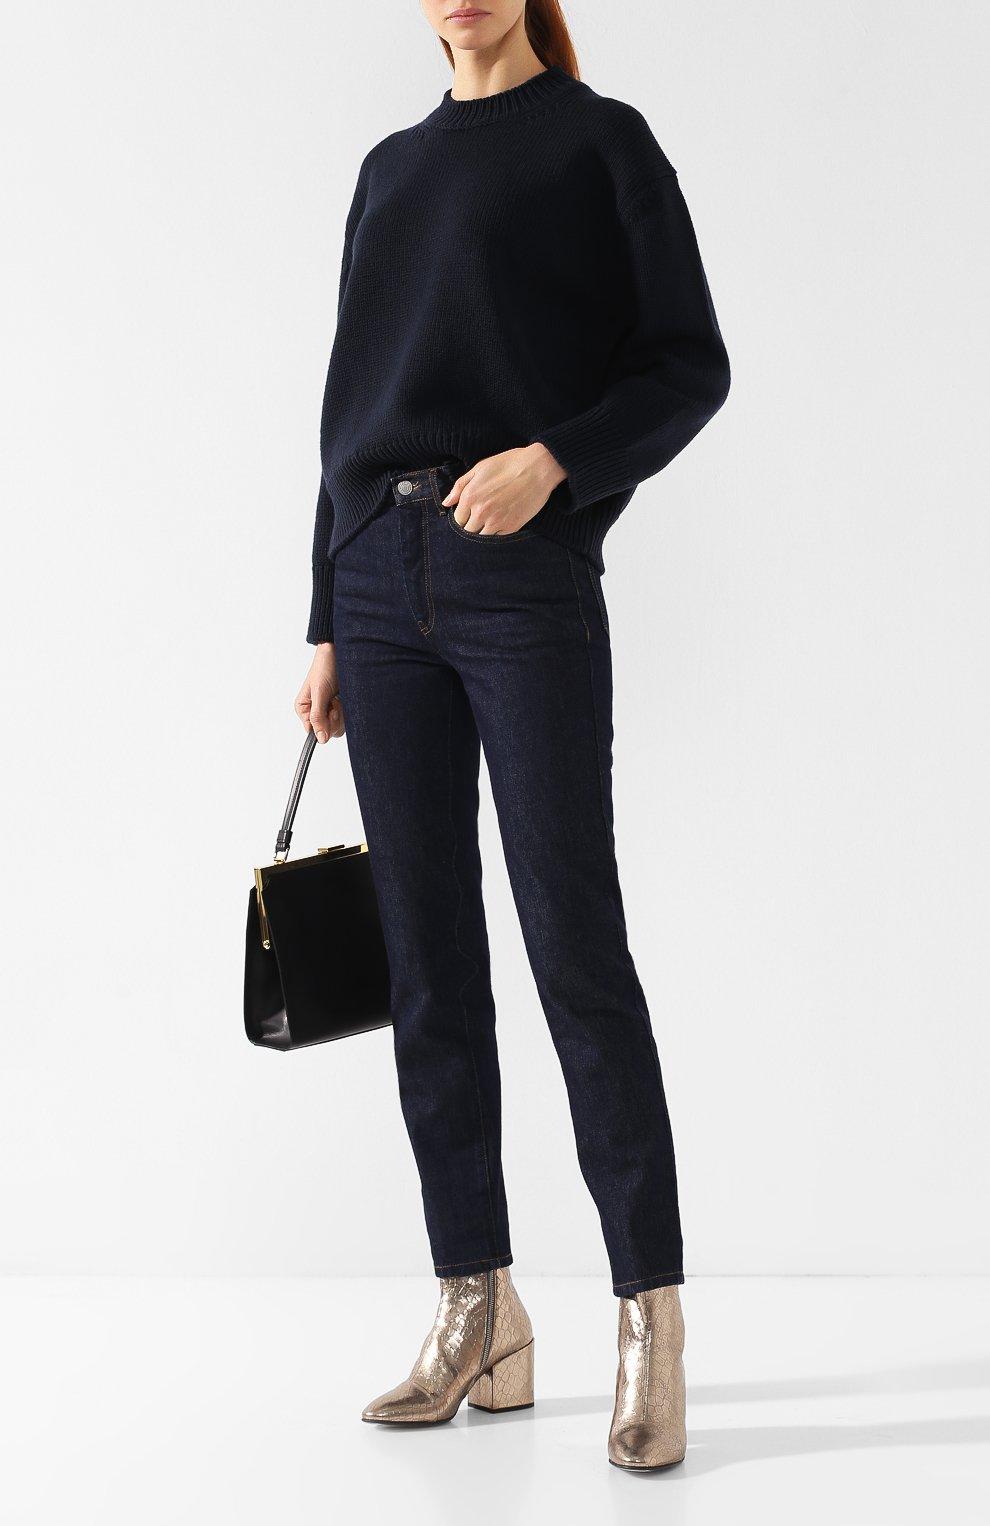 Шерстяной пуловер со спущенным рукавом Mansur Gavriel темно-синий | Фото №2